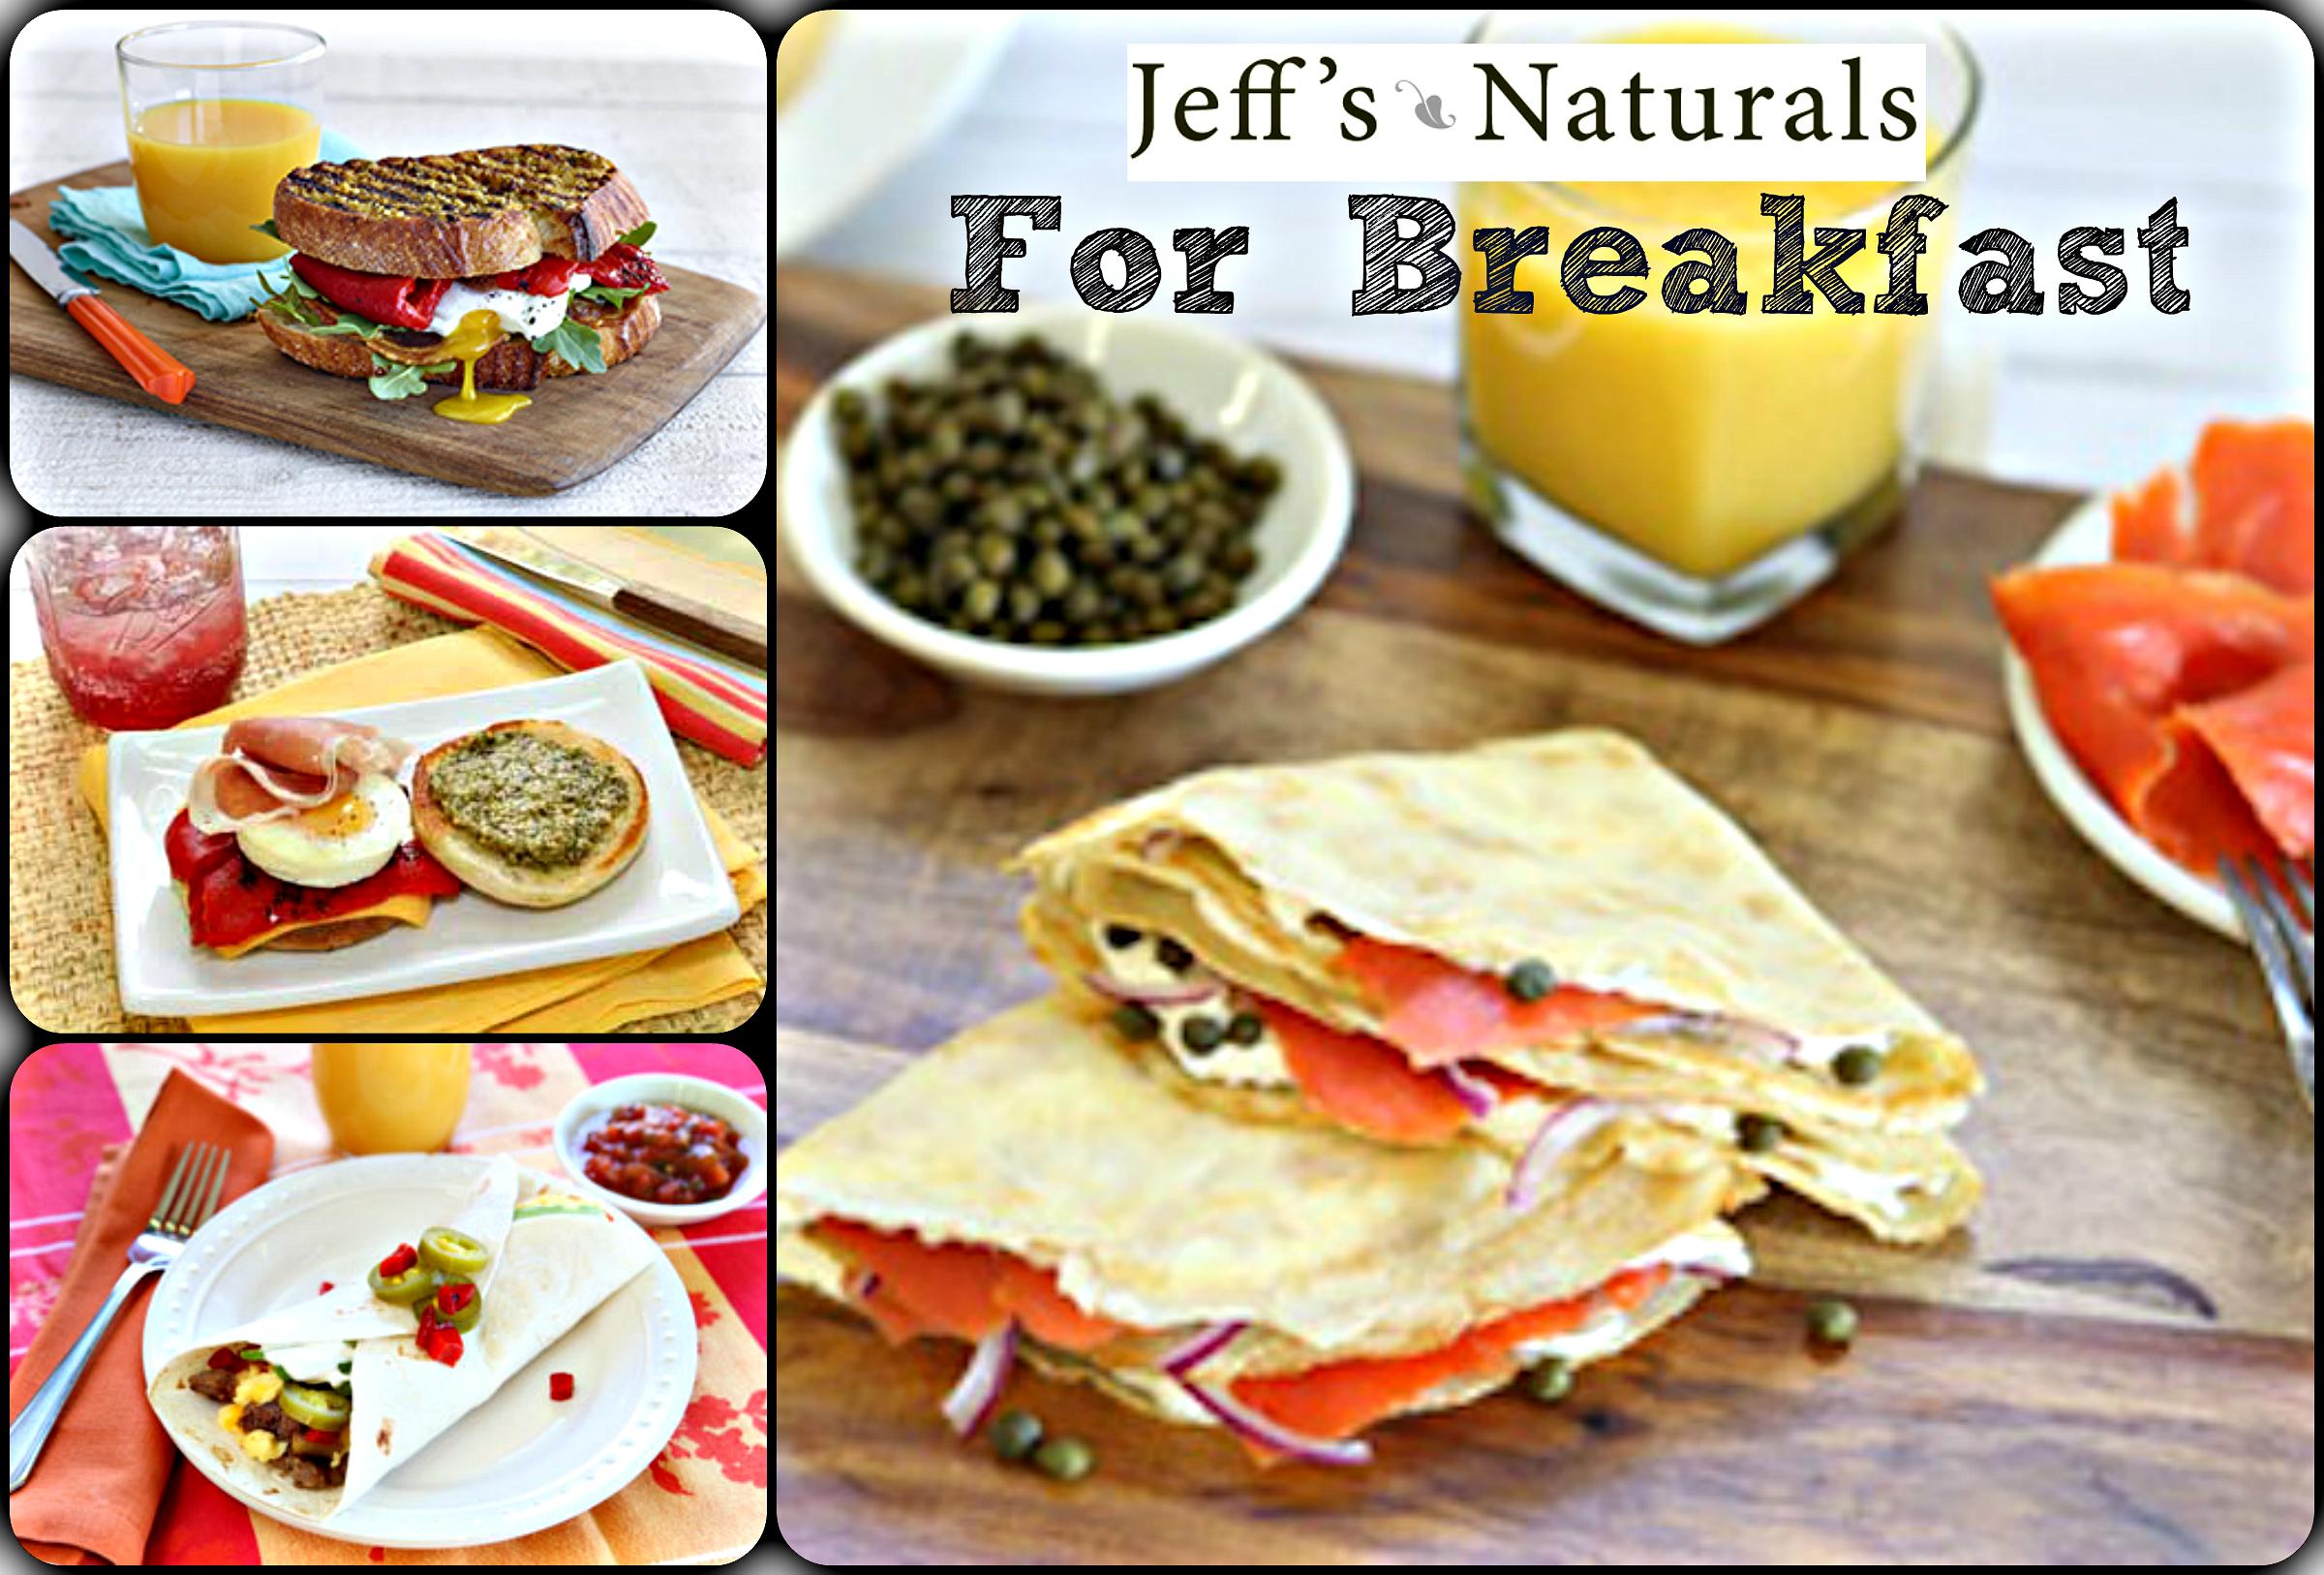 Jeff's Naturals for Breakfast